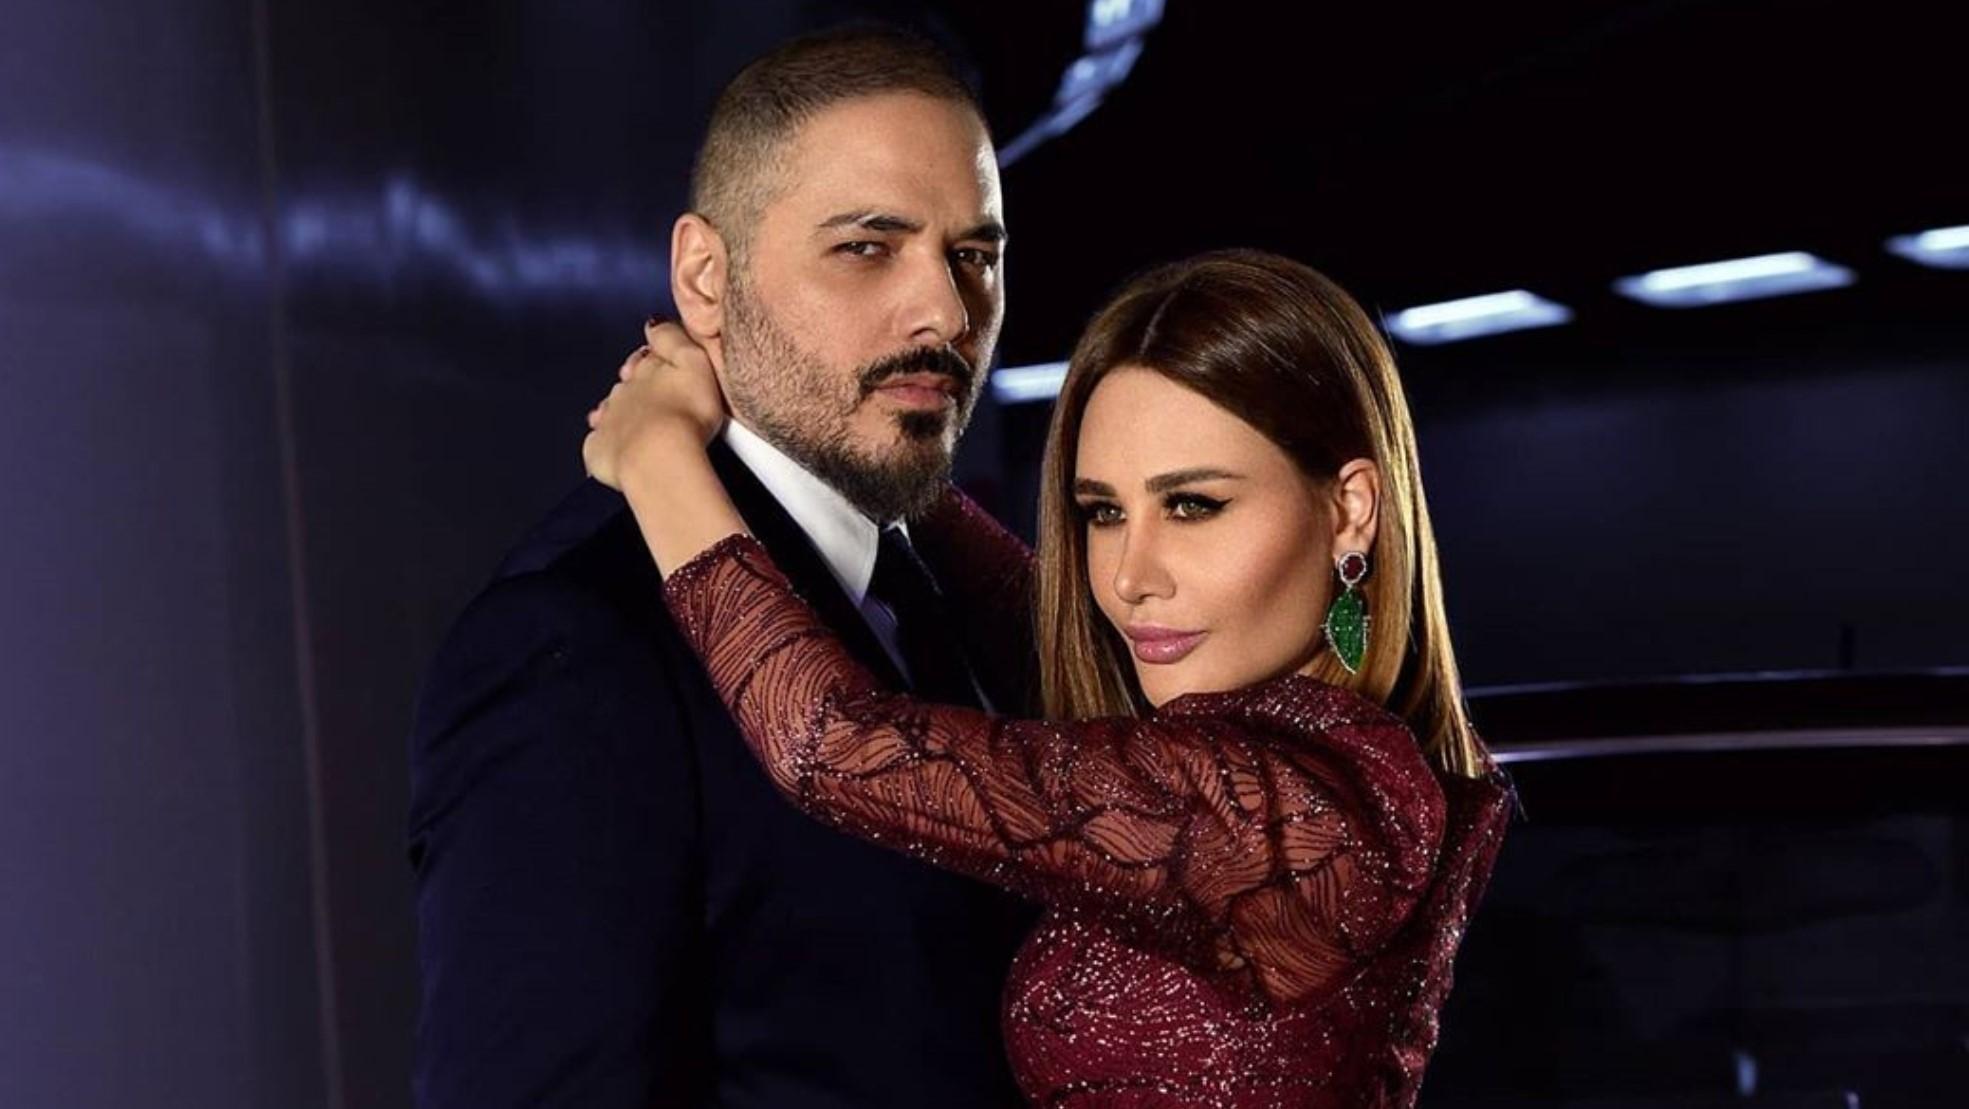 رامي عياش يكشف عن حالة زوجته بعد إصابتها في انفجار مرفأ بيروت